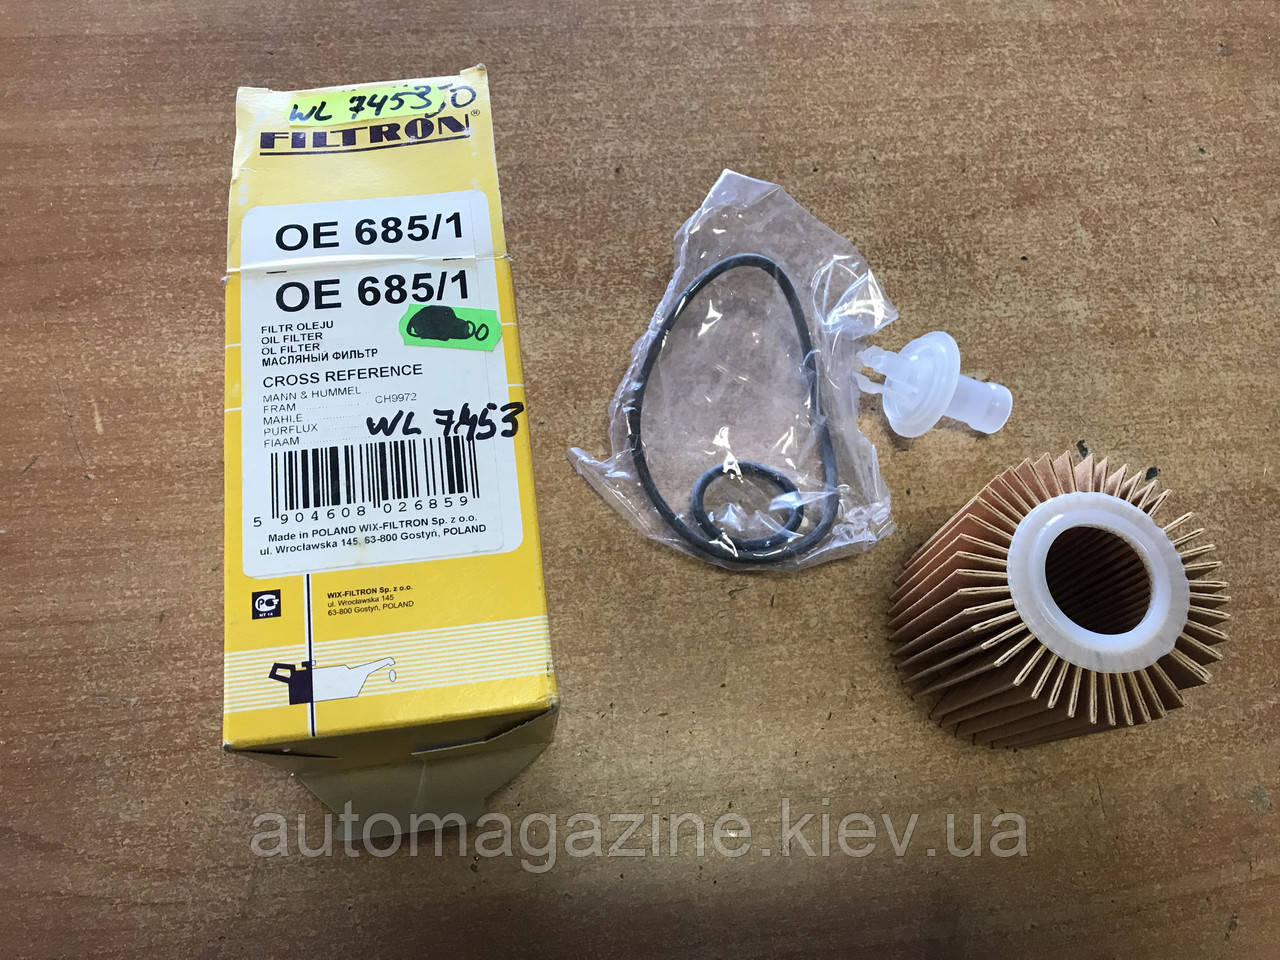 Фильтр масляный WL 7453 (OE685/1)